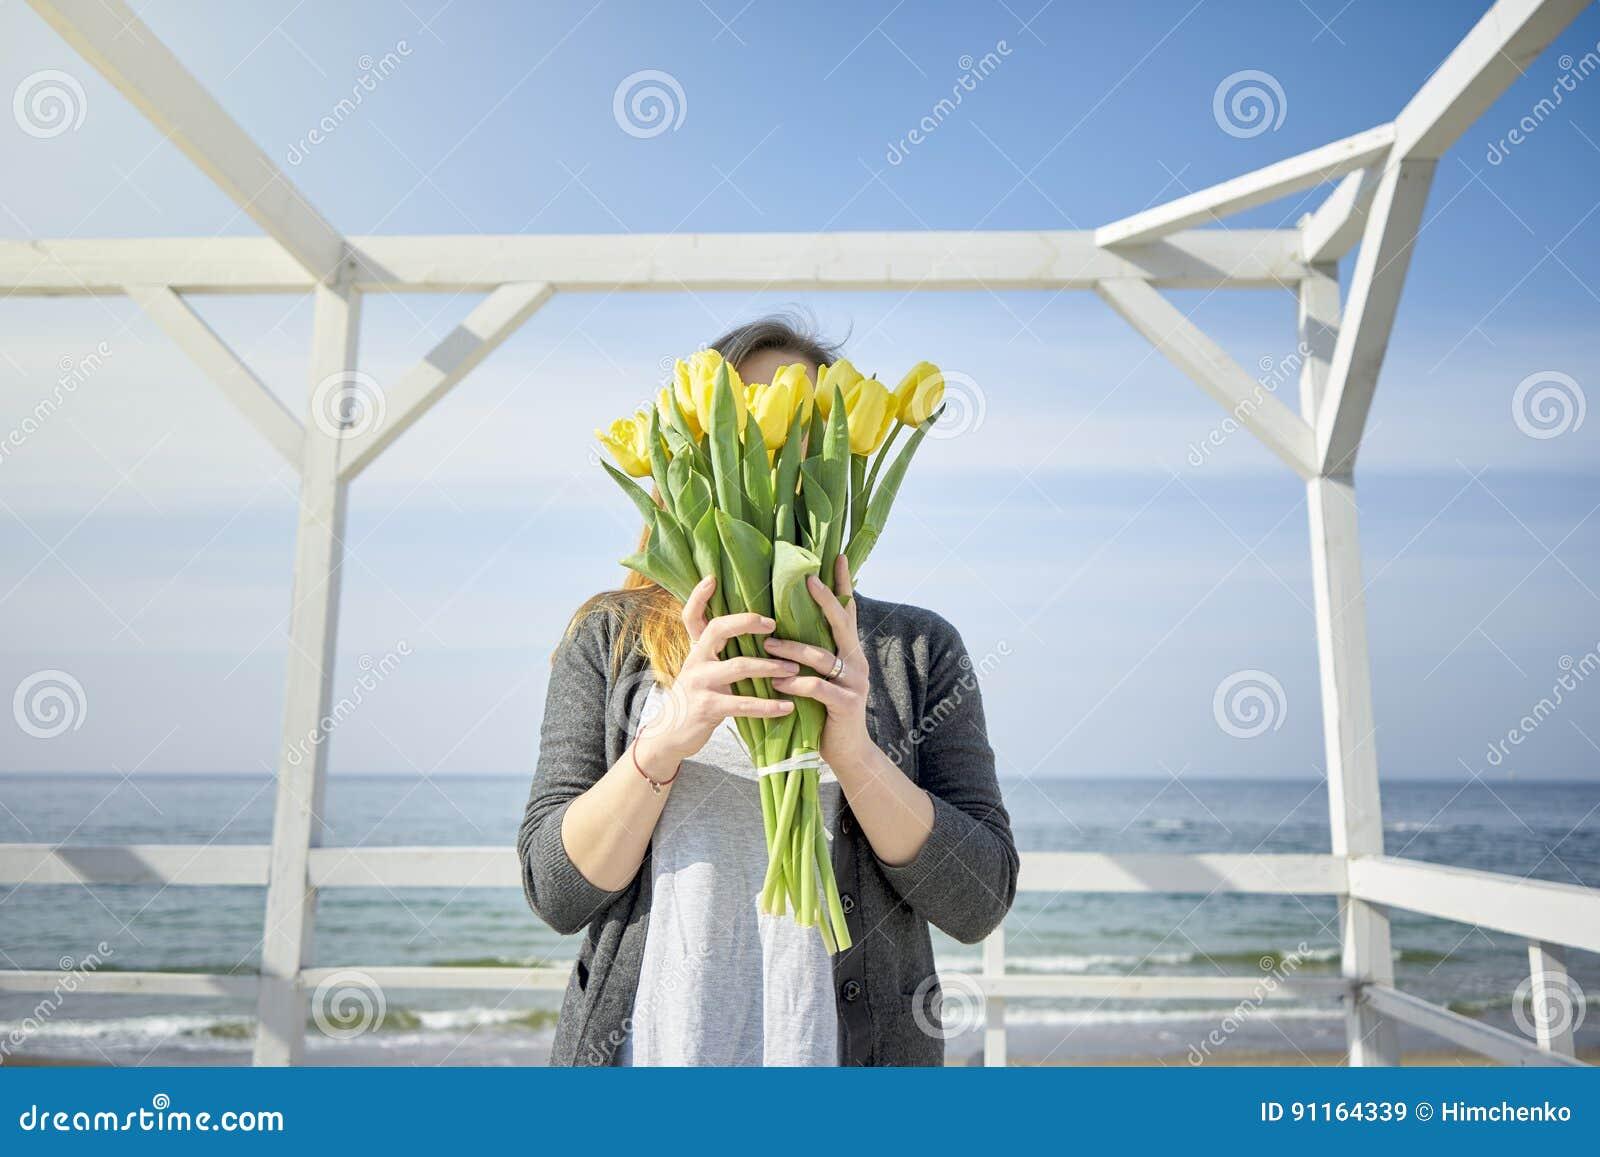 La fille couvre son visage de tulipes jaunes